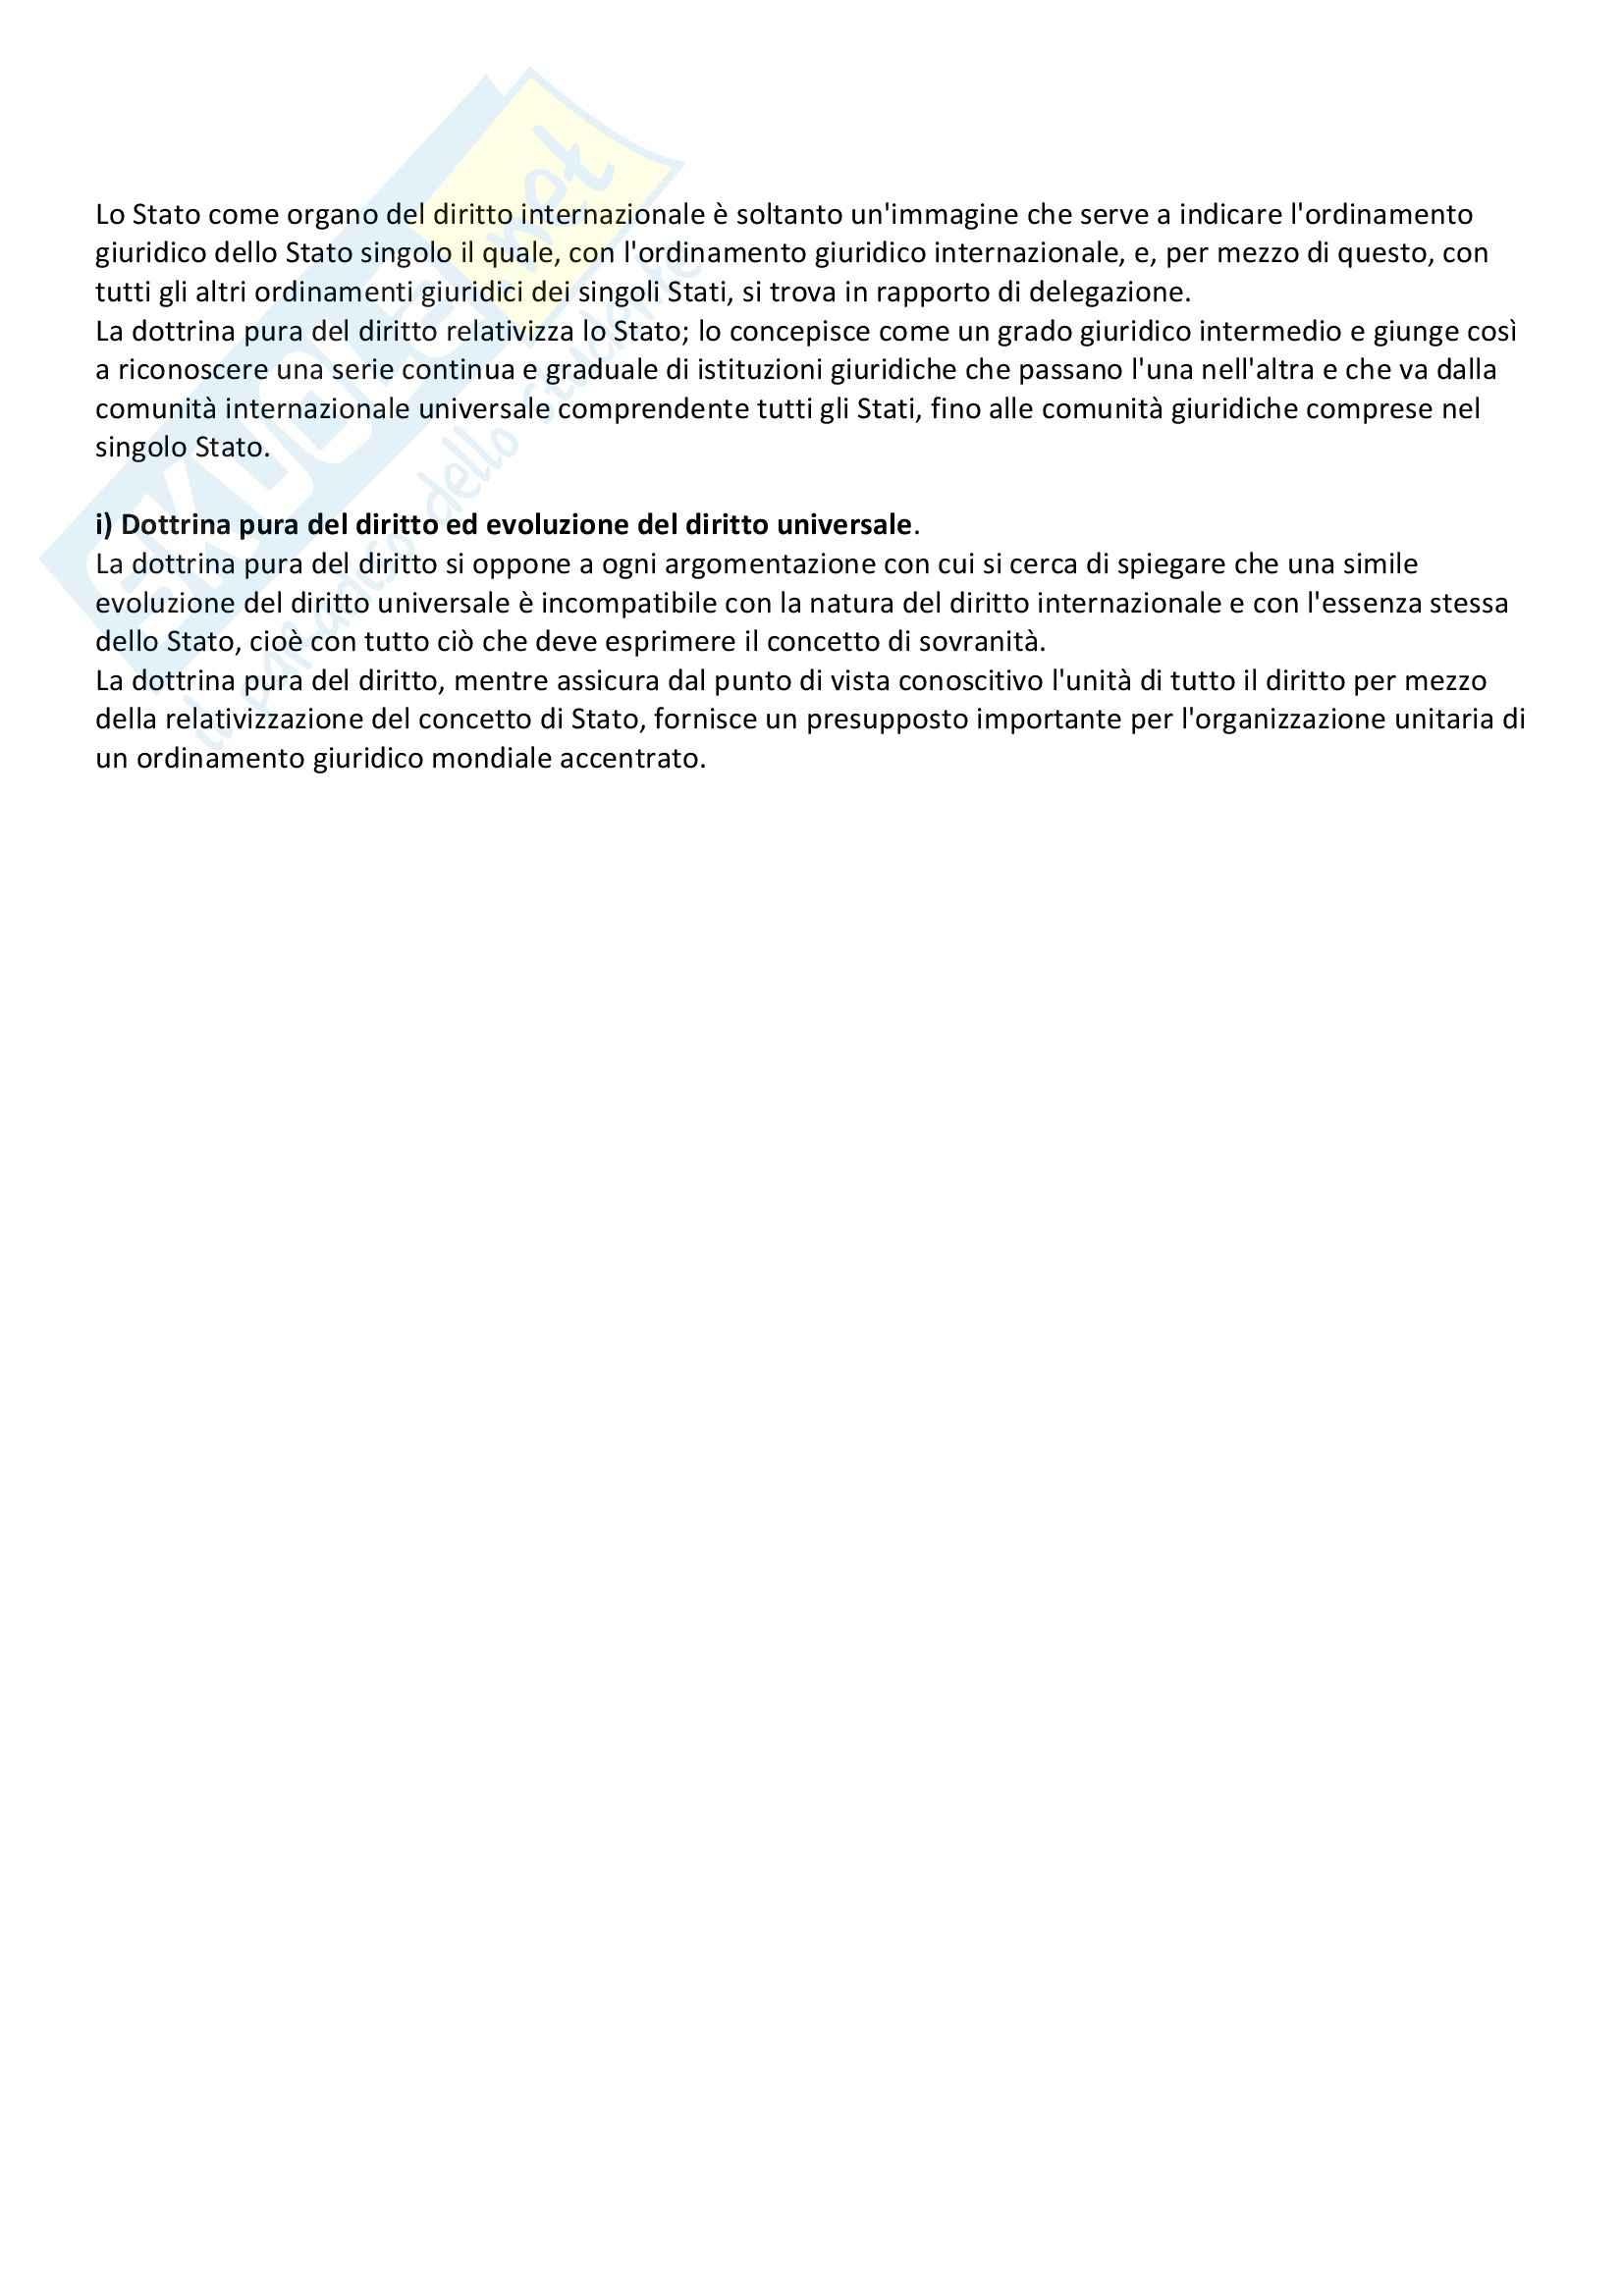 Lineamenti di dottrina pura del diritto, Kelsen - Appunti Pag. 36